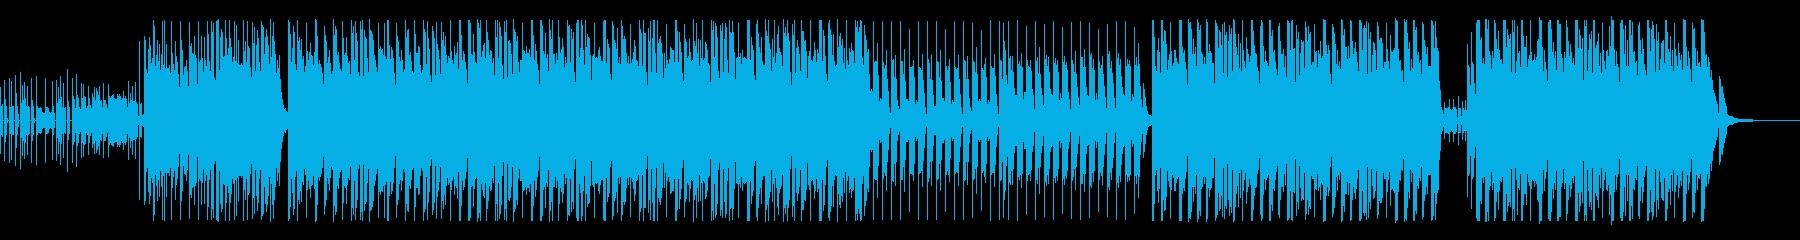 軽快なピアノが印象的なEDMの再生済みの波形